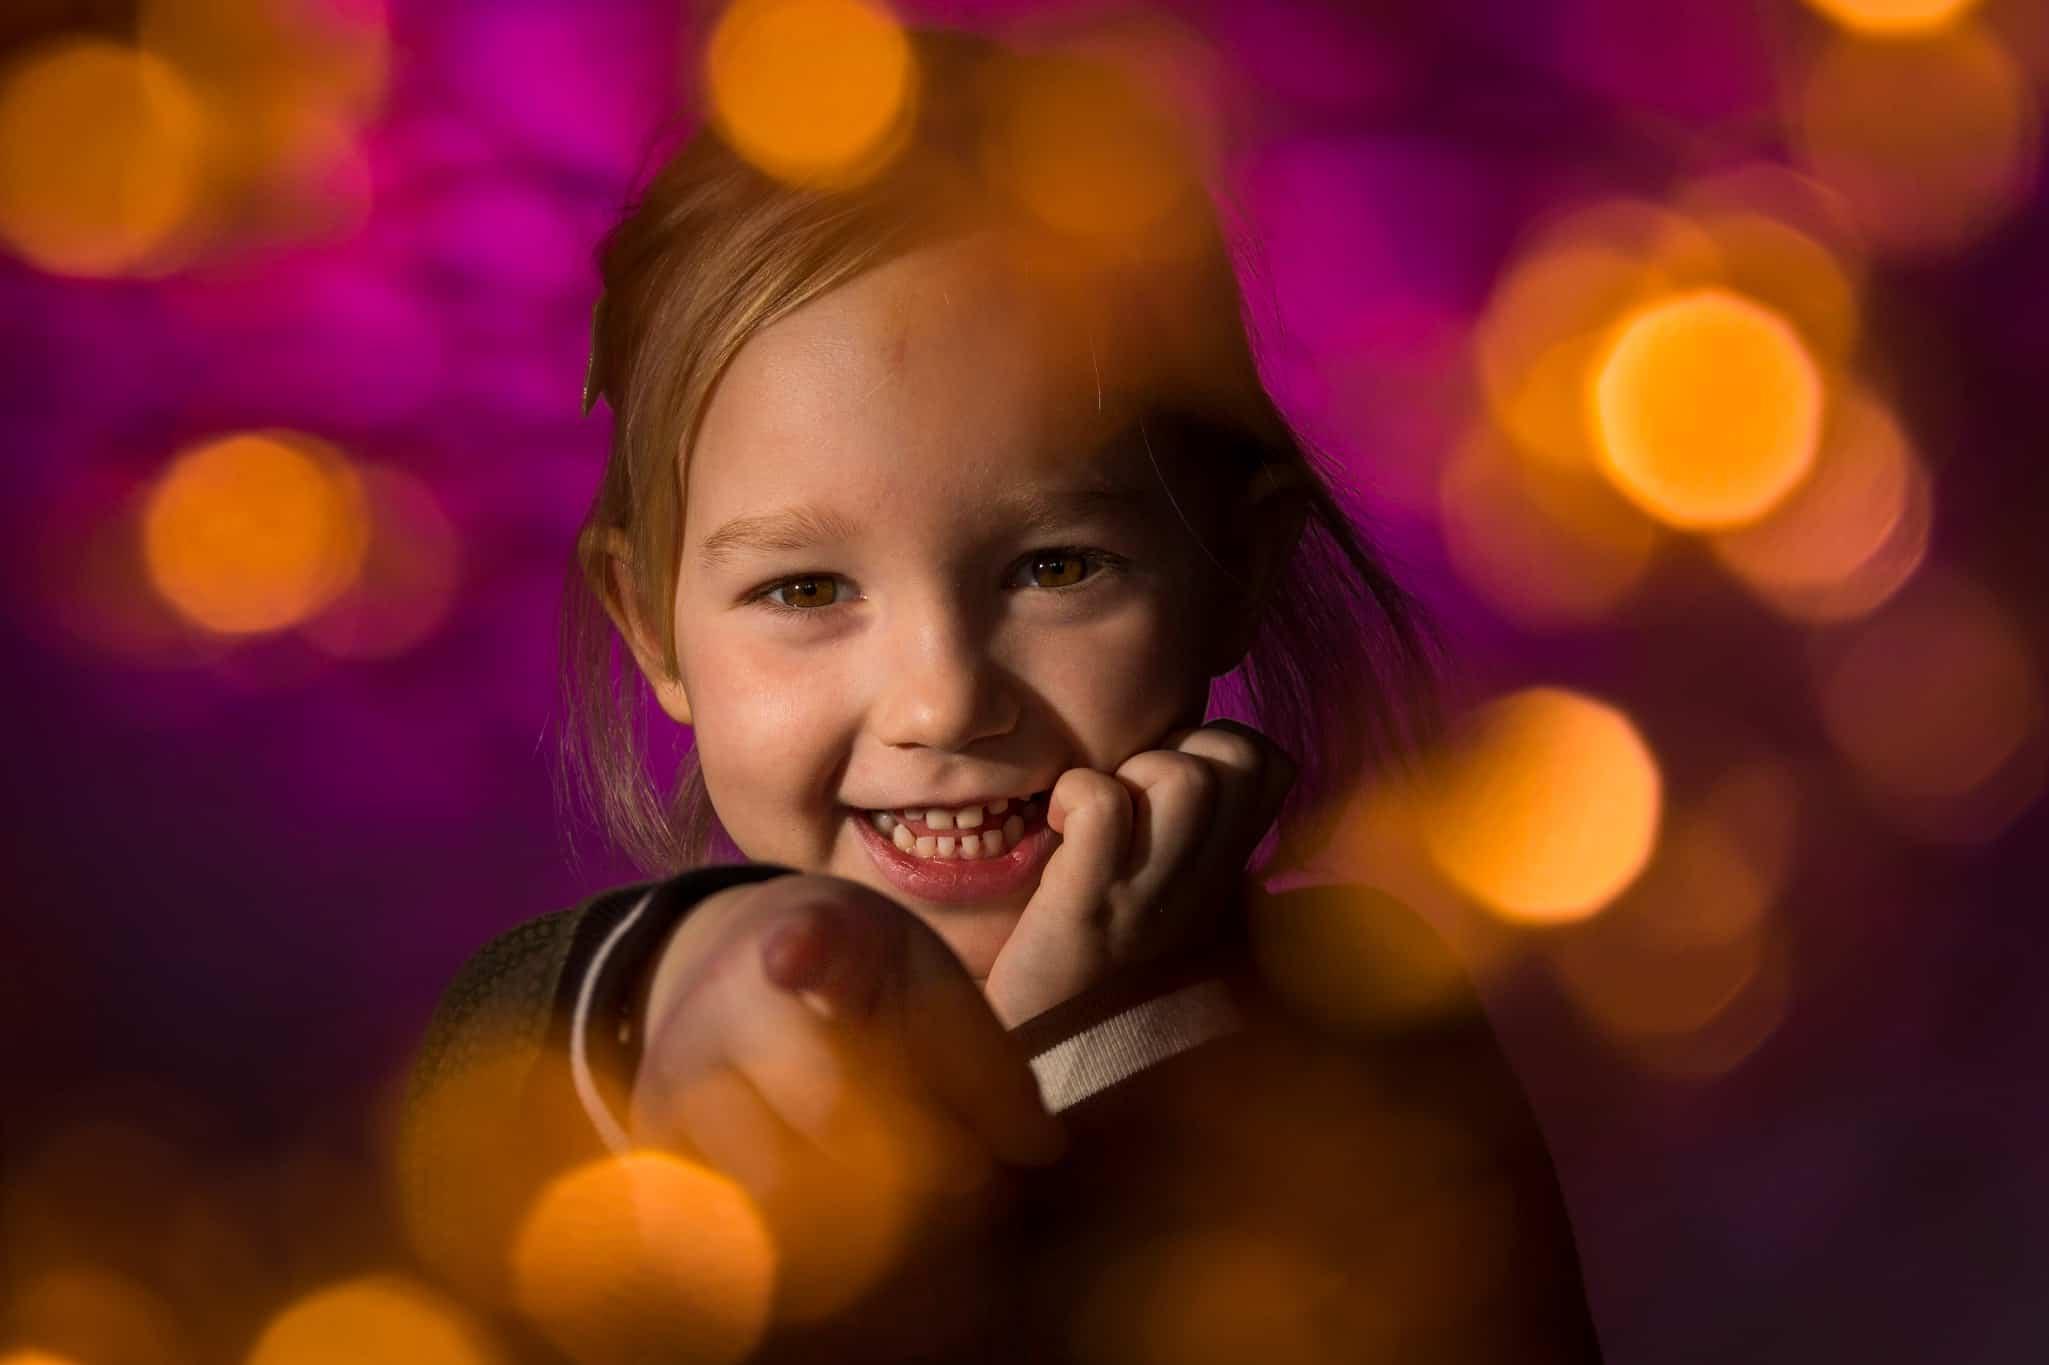 fotoshoot lichteffect meisje